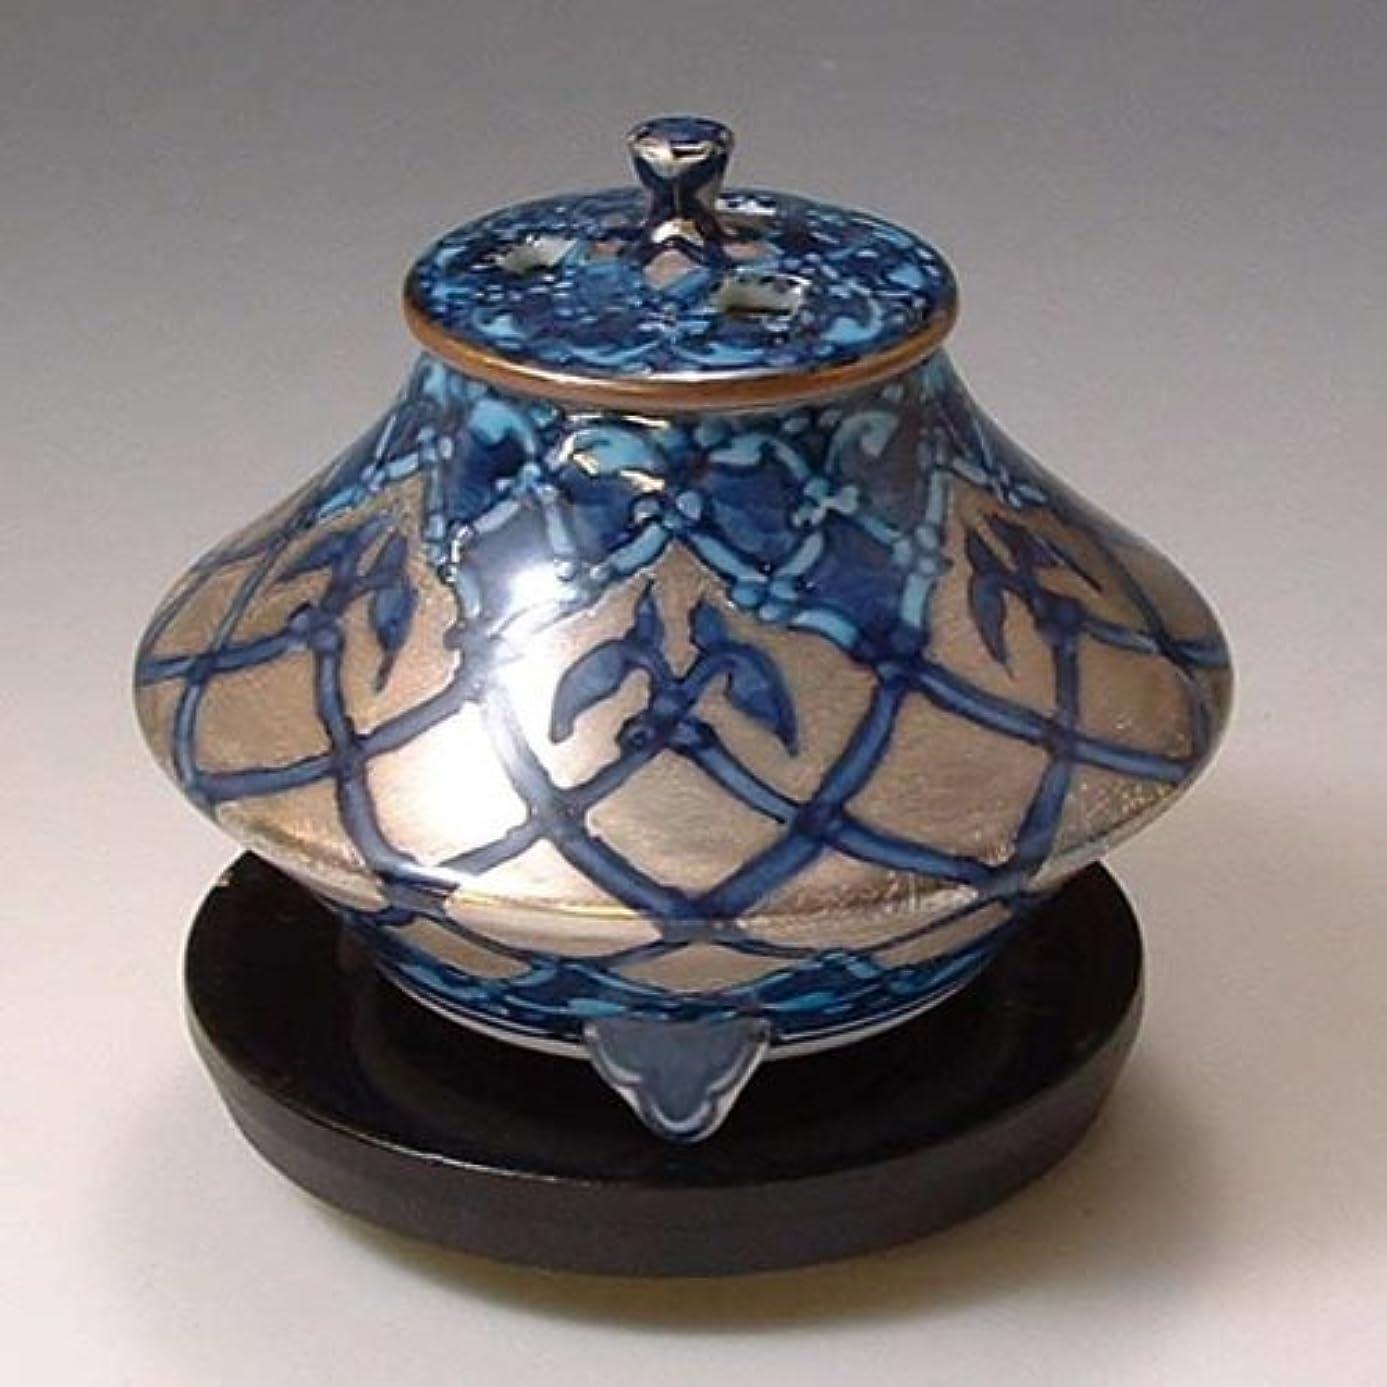 芝生なめらか失礼な京焼 清水焼 香炉(黒台付) 銀モスク ぎんもすく YKY110